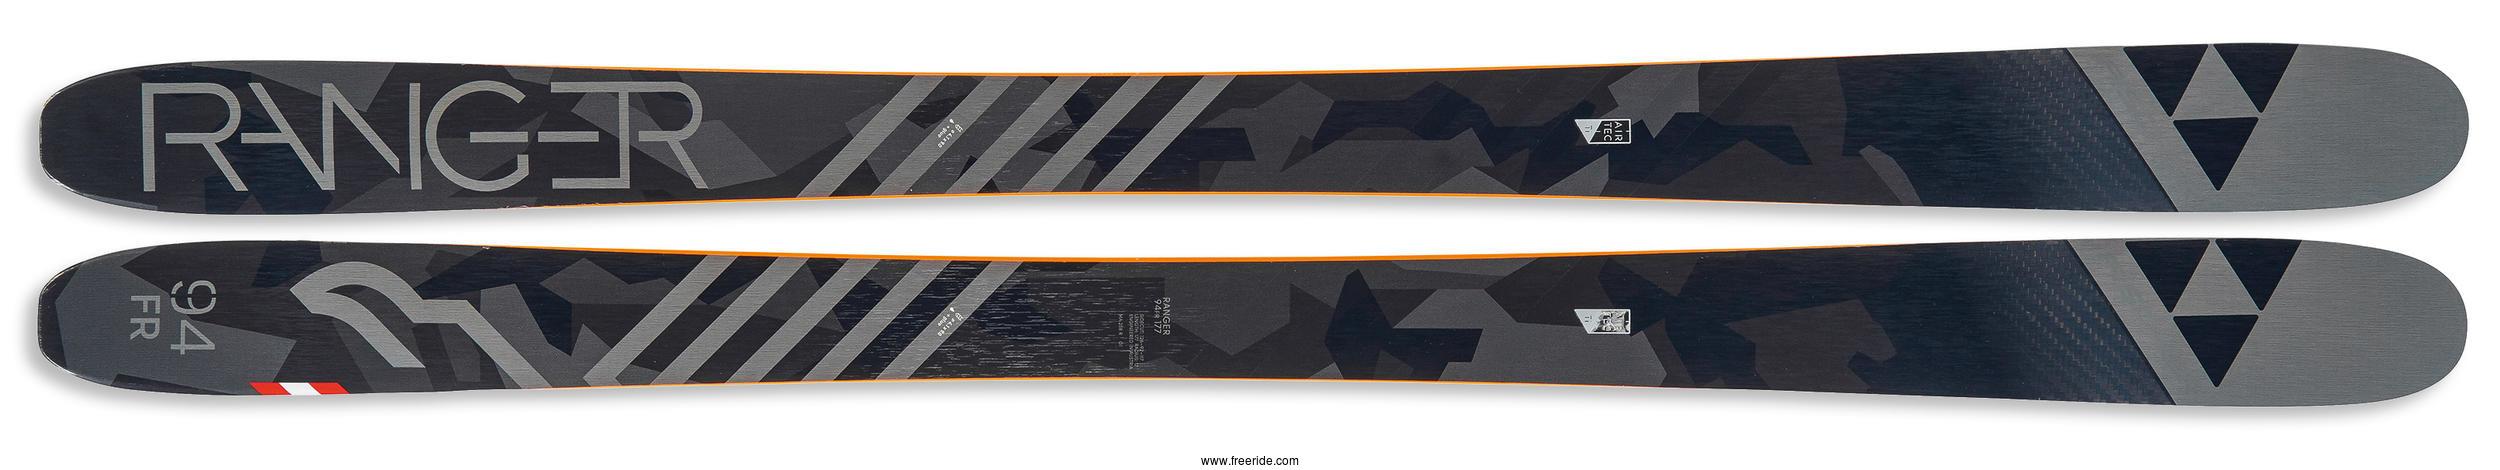 Details about  /Fischer Ranger 94 FR Ski